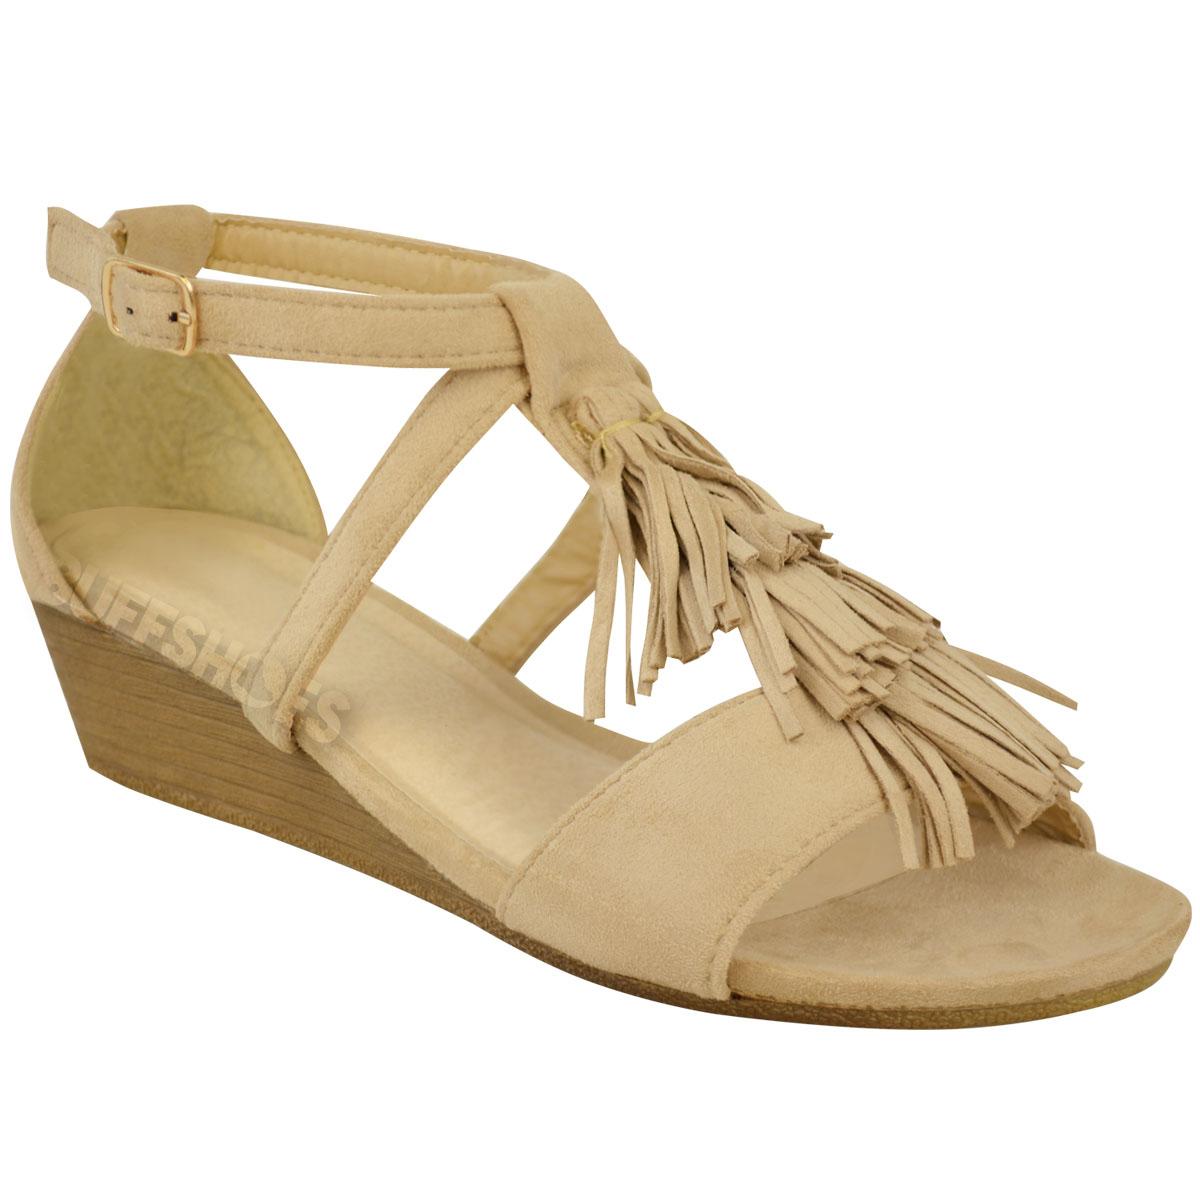 Nuevo Para Mujer Damas Cuña Baja Borla Tobillo Sandalias De Tiras Vacaciones Verano Tamaño